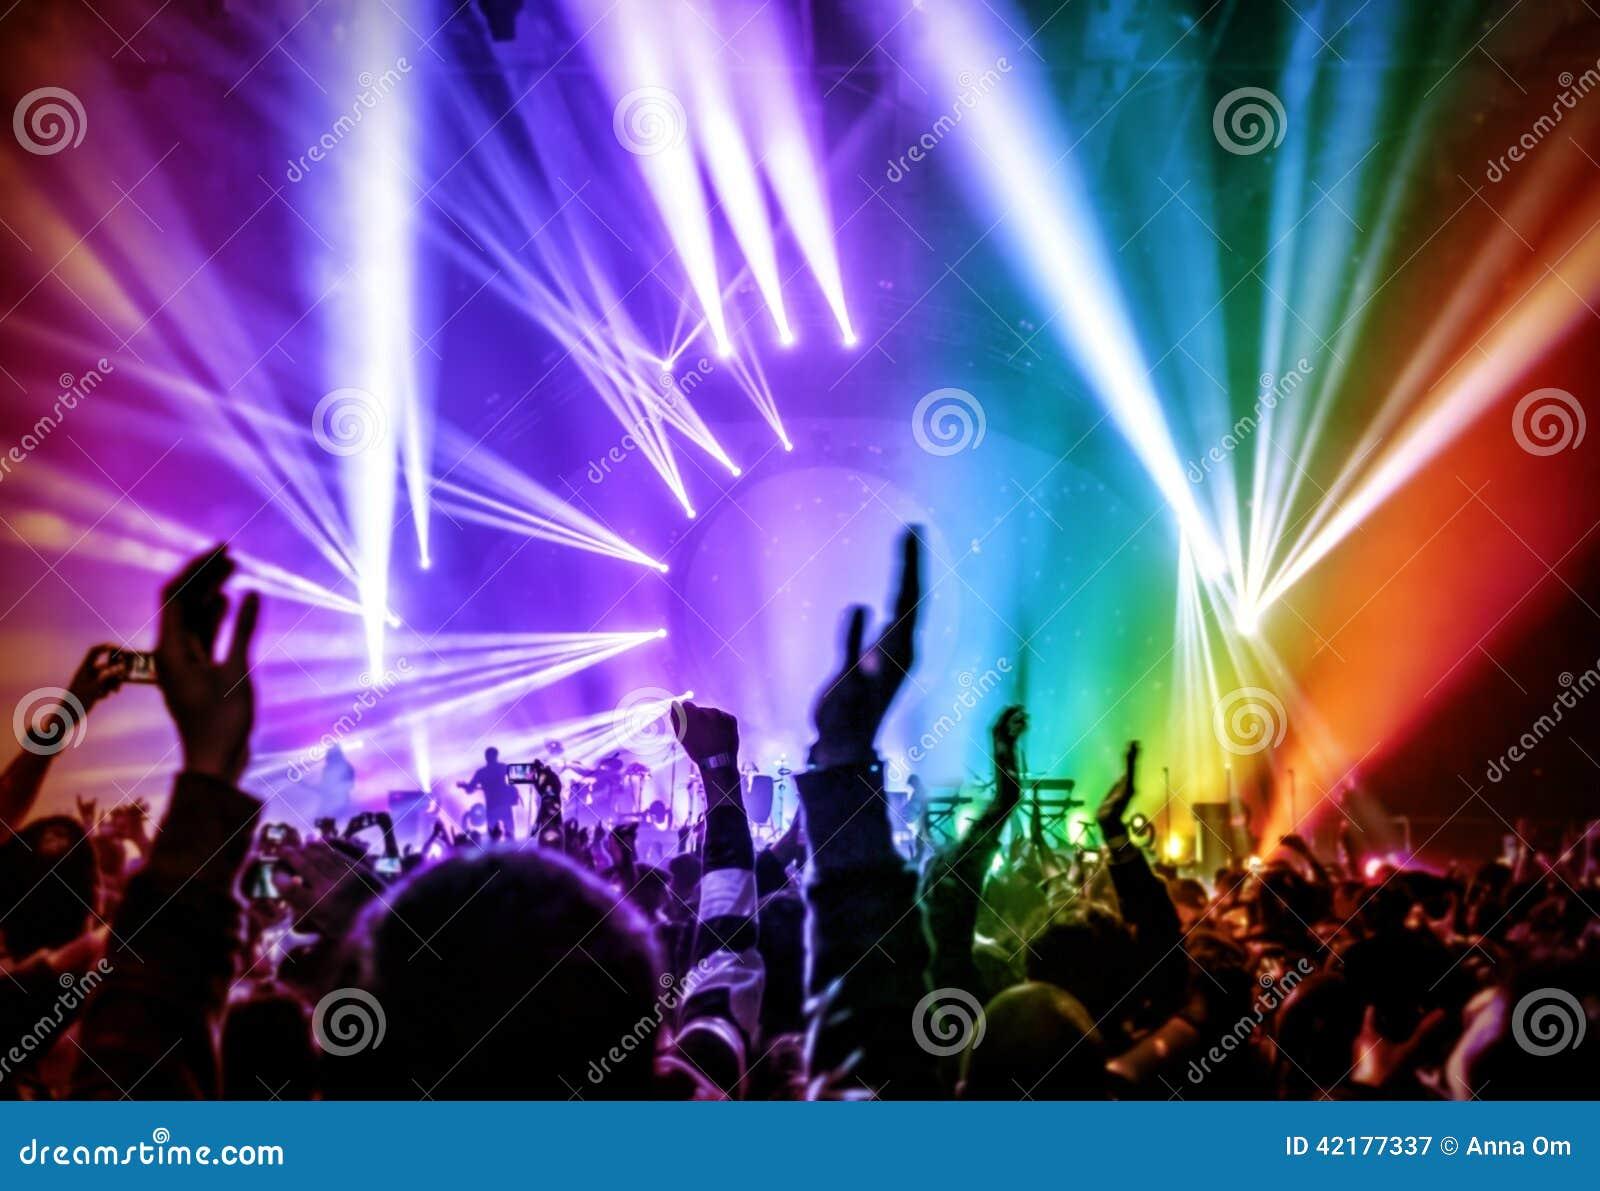 Pics photos rock concert background - Colorful Concert